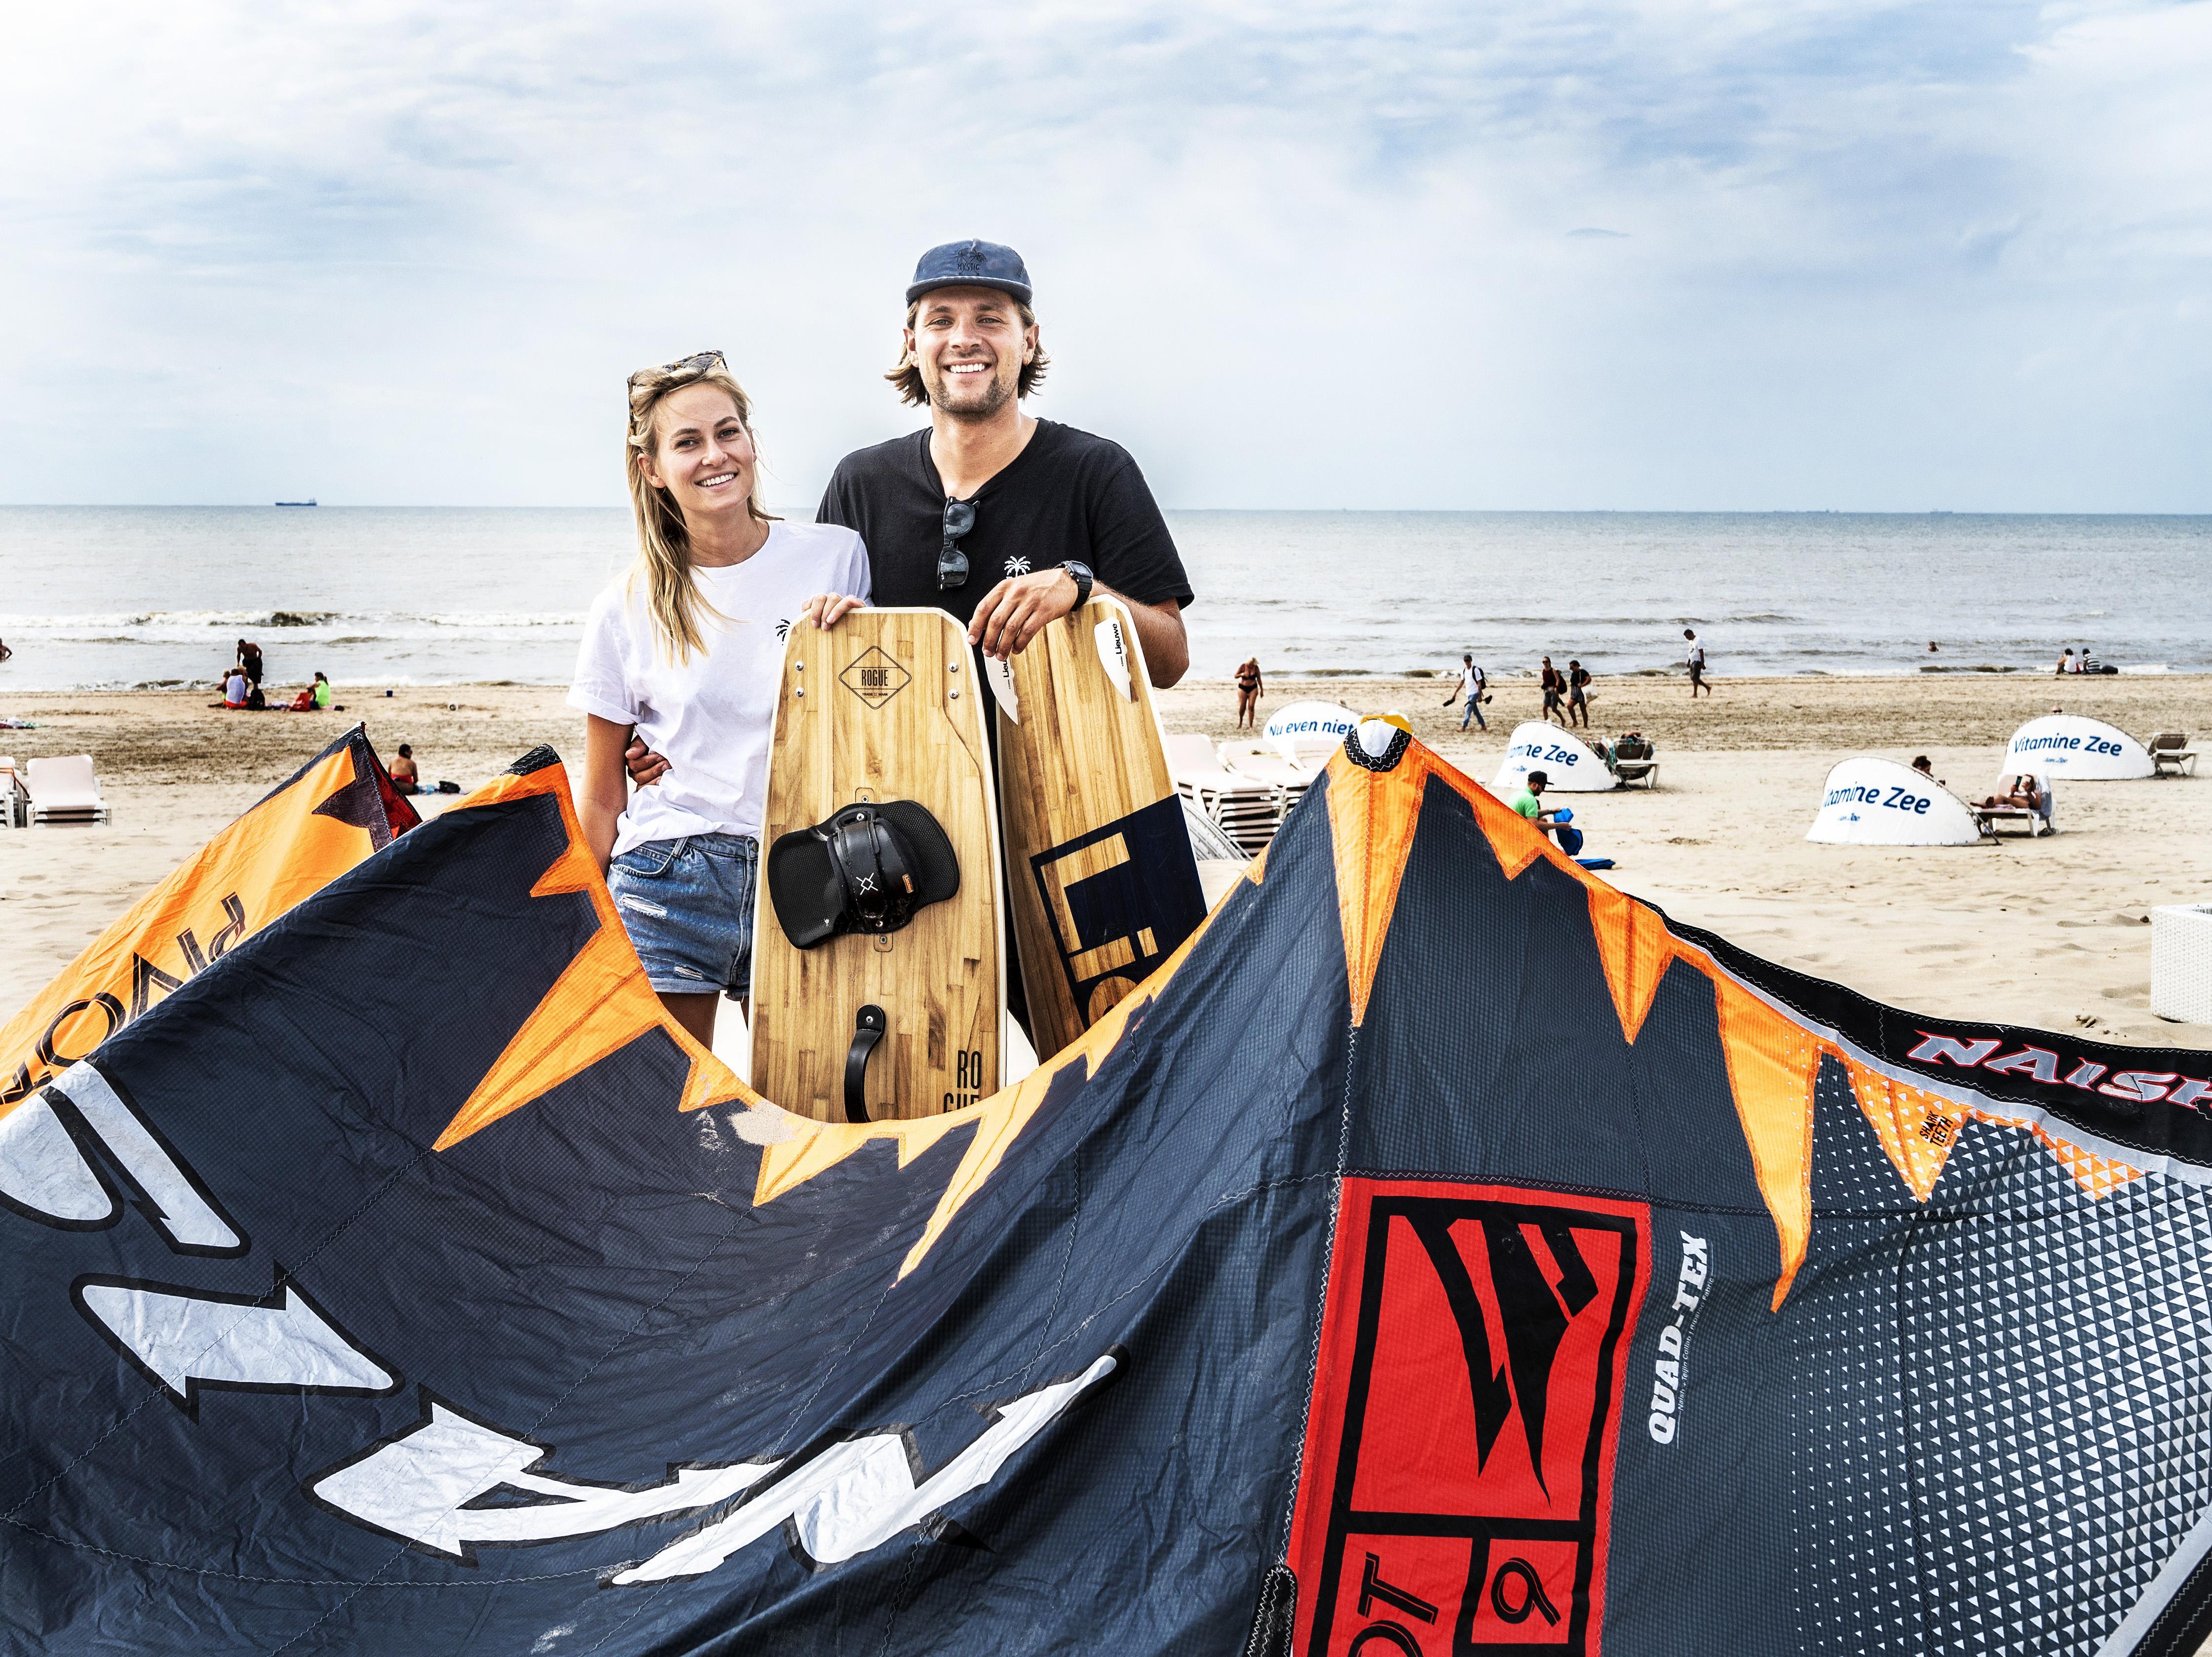 Kitesurfen gevaarlijk? 'Autorijden is ook risicovol als je geen les neemt'. Michelle (27) runt kitesurfschool in Zandvoort